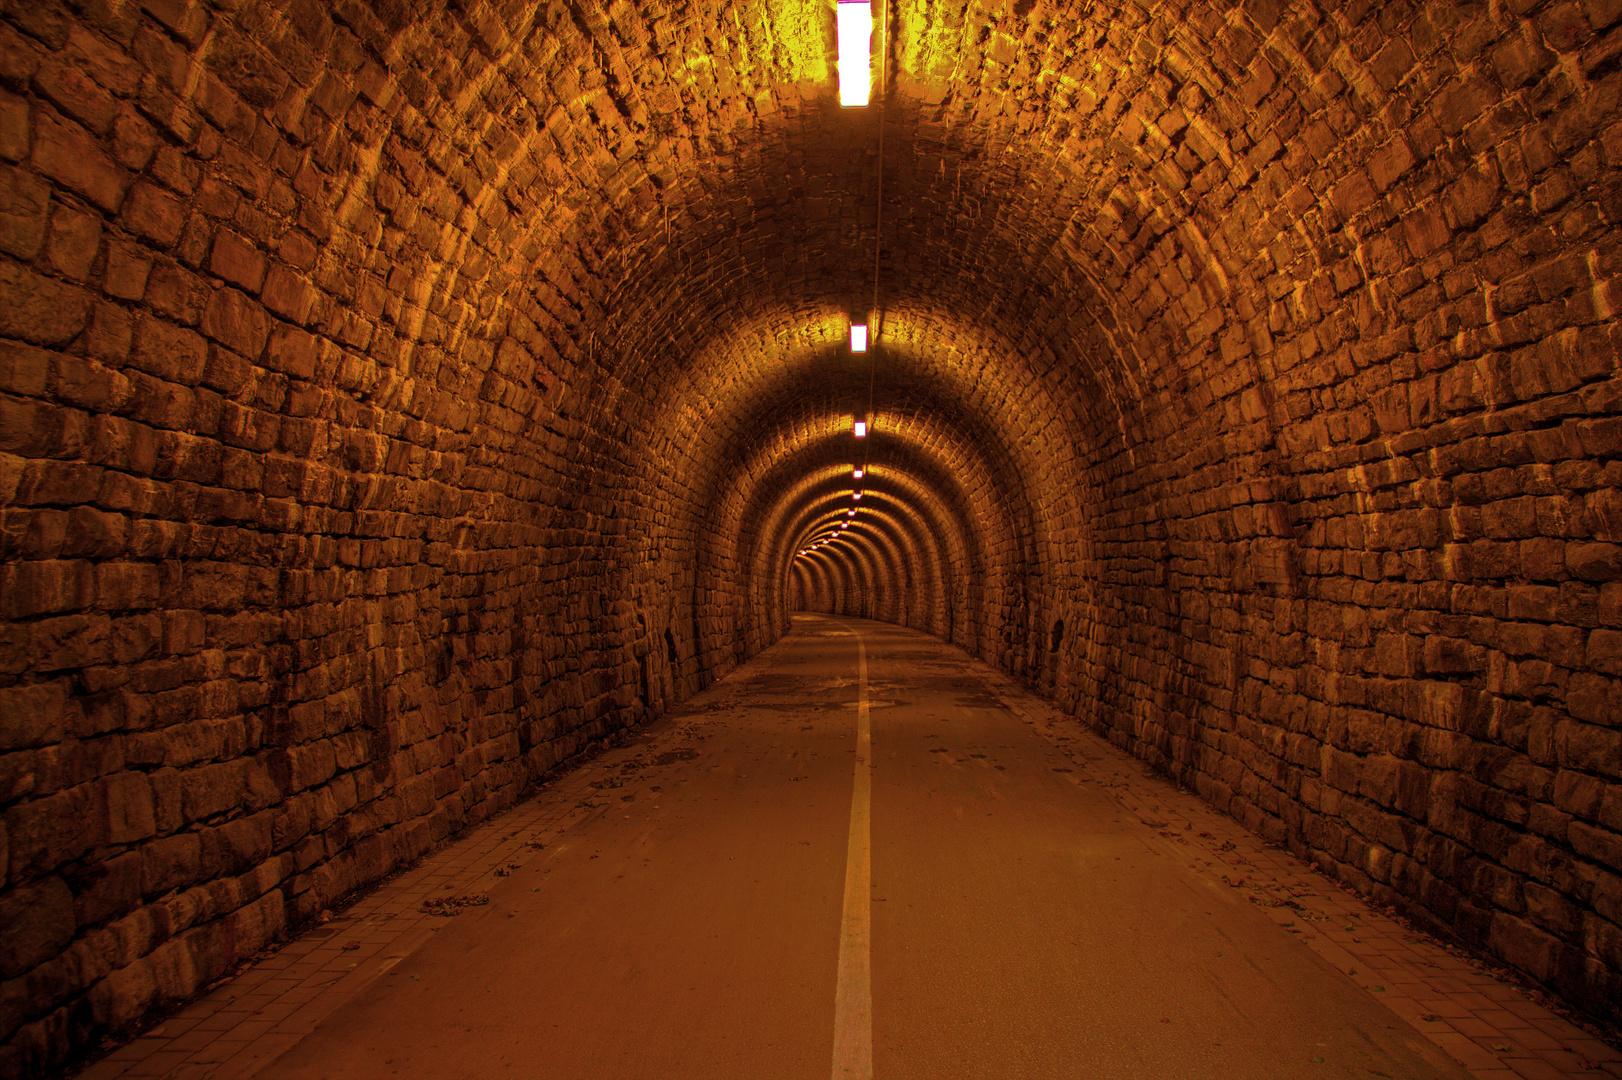 """Ehem. Eisenbahntunnel """"Schulenberger Wald"""" in Hattingen/Ruhr"""